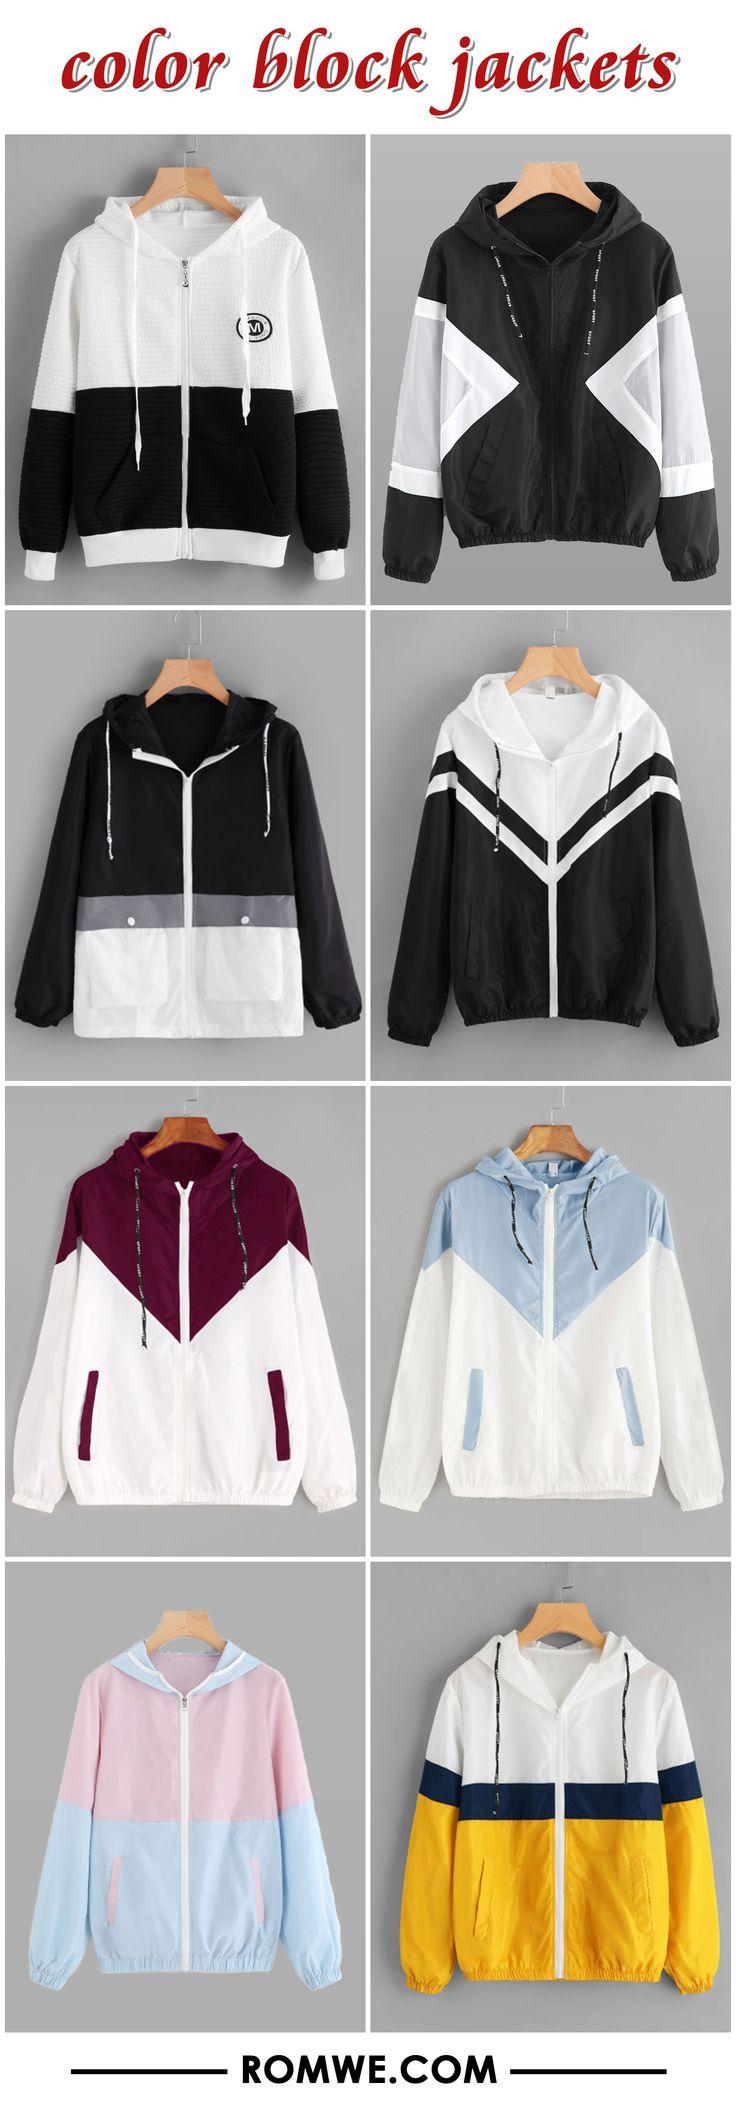 color block jackets 2017 - romwe.com